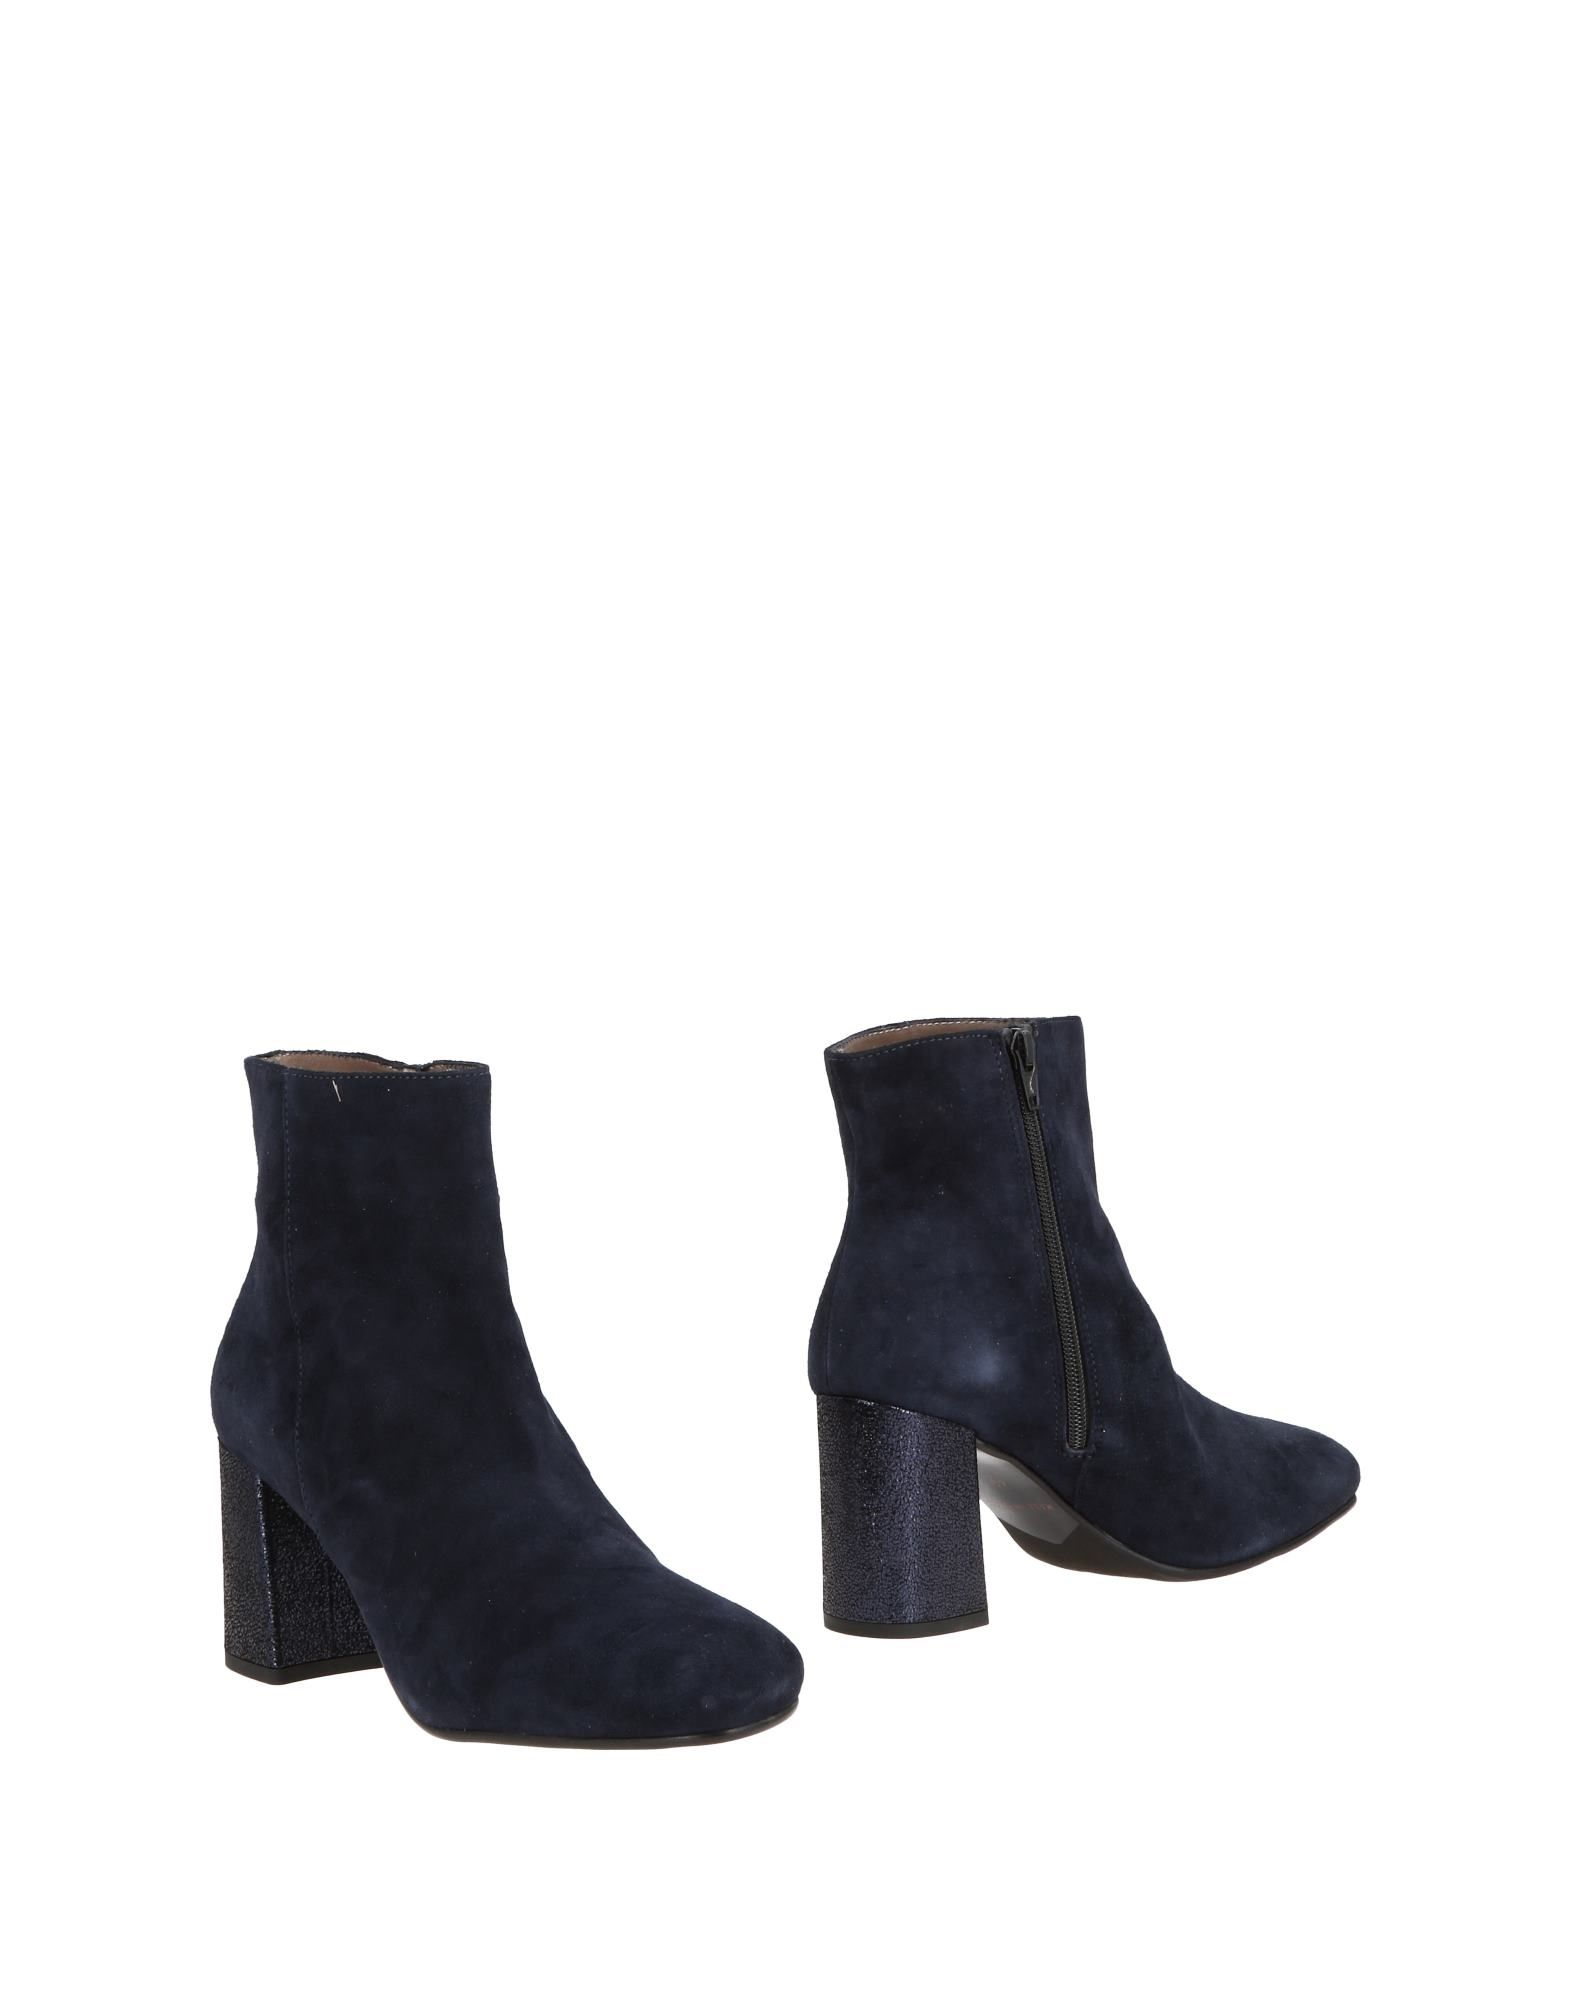 Michael Dass Stiefelette Qualität Damen  11498555JA Gute Qualität Stiefelette beliebte Schuhe bd147a